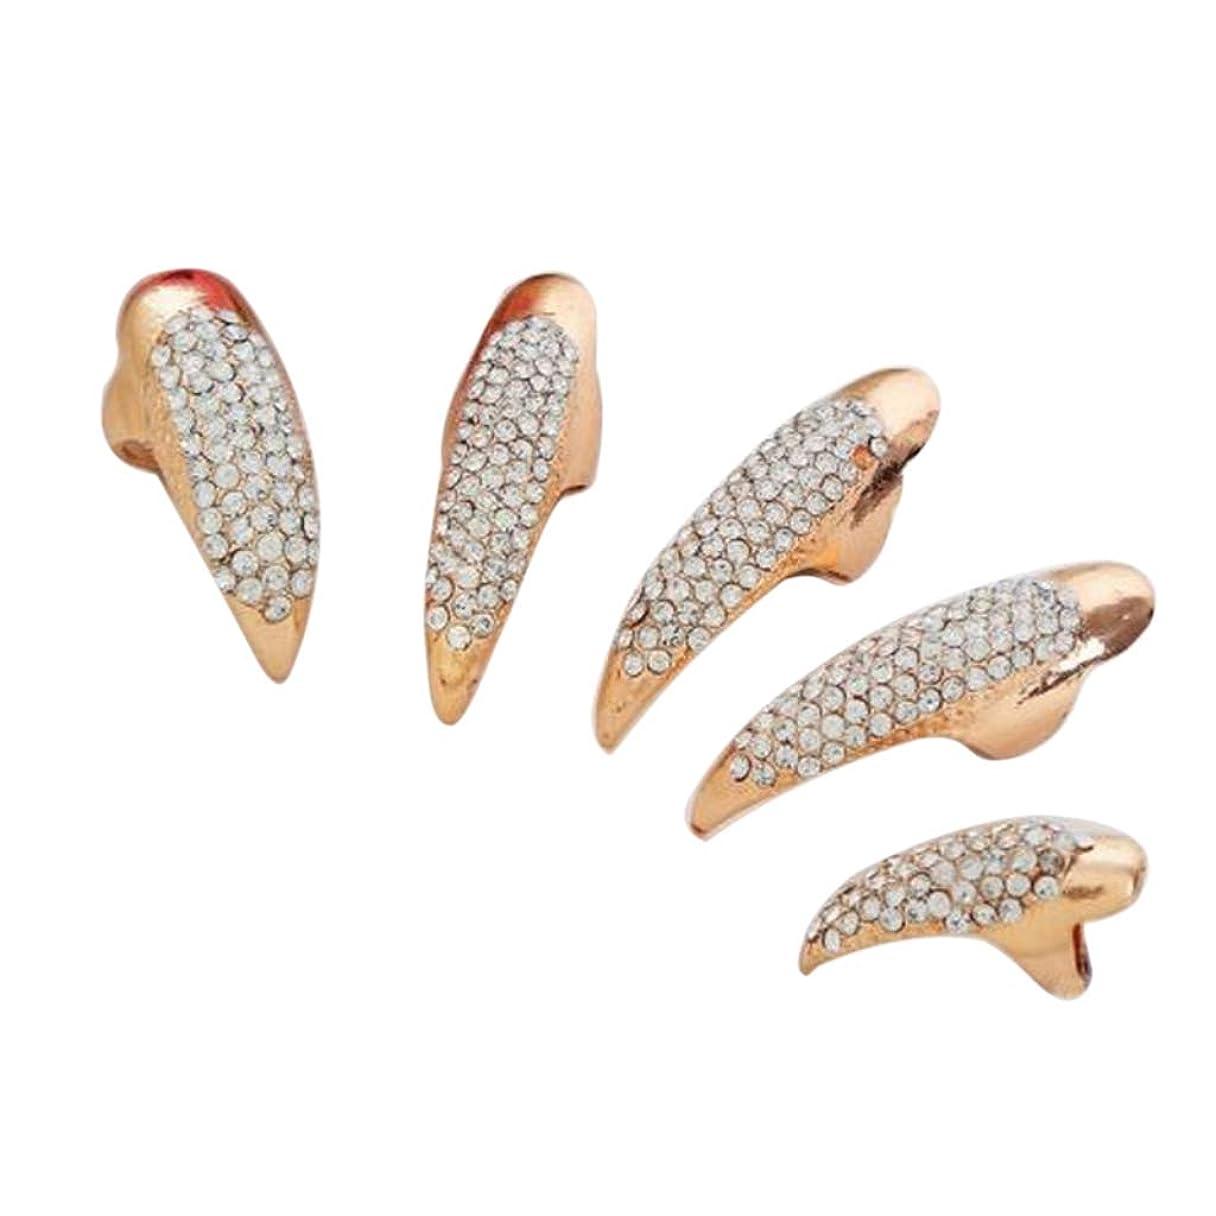 等々バトルゴールSharplace 爪リング ネイルチップ ネイルアート 人工の爪 曲げ爪 コスプレ パーティー 2色選べ - ゴールデン